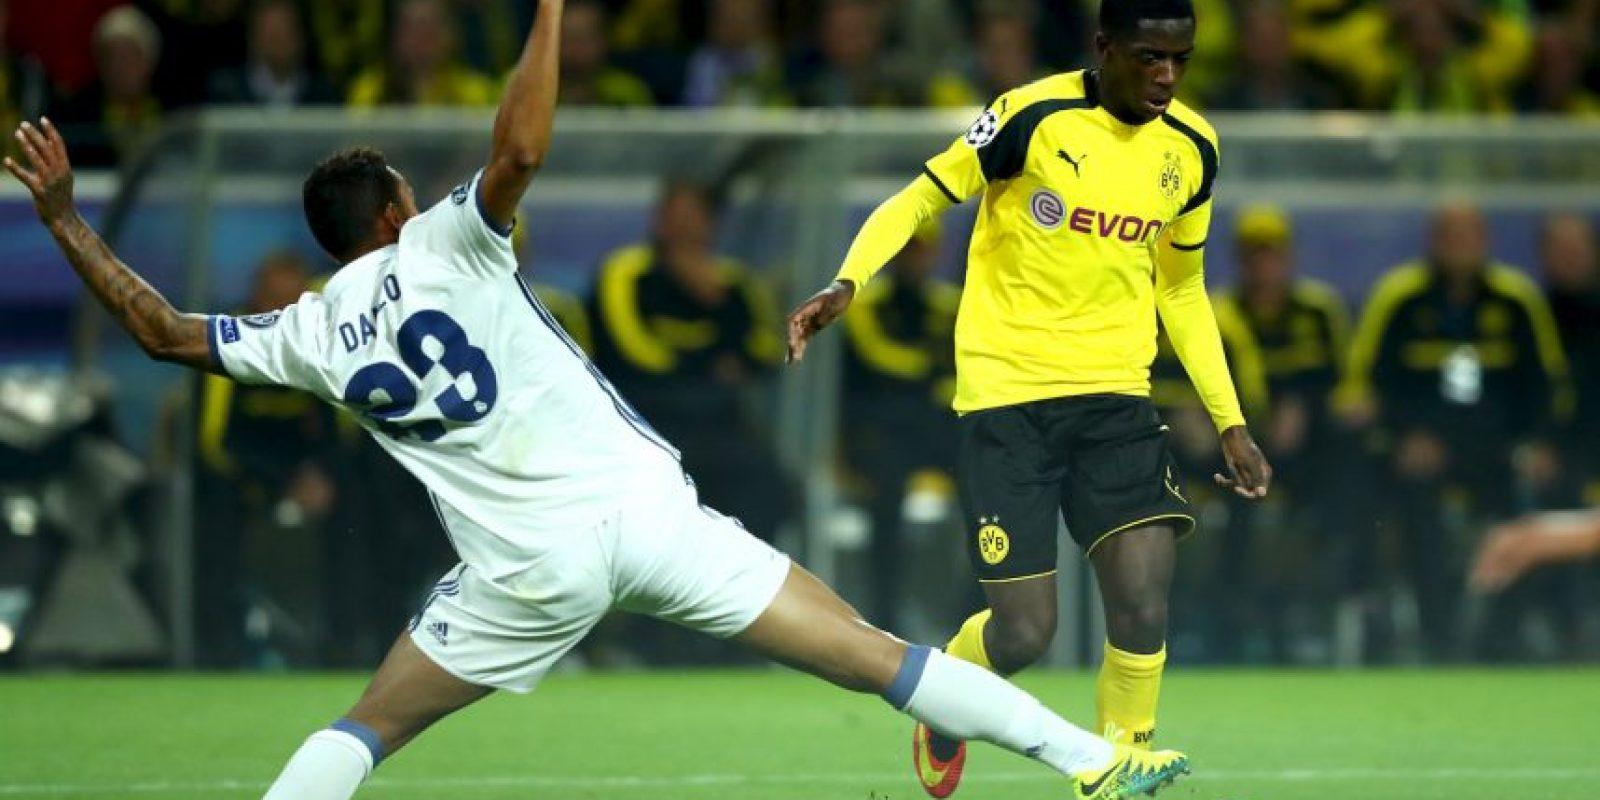 10.-Ousmane Dembélé – 19 años (Borussia Dortmund) Foto:Getty Images